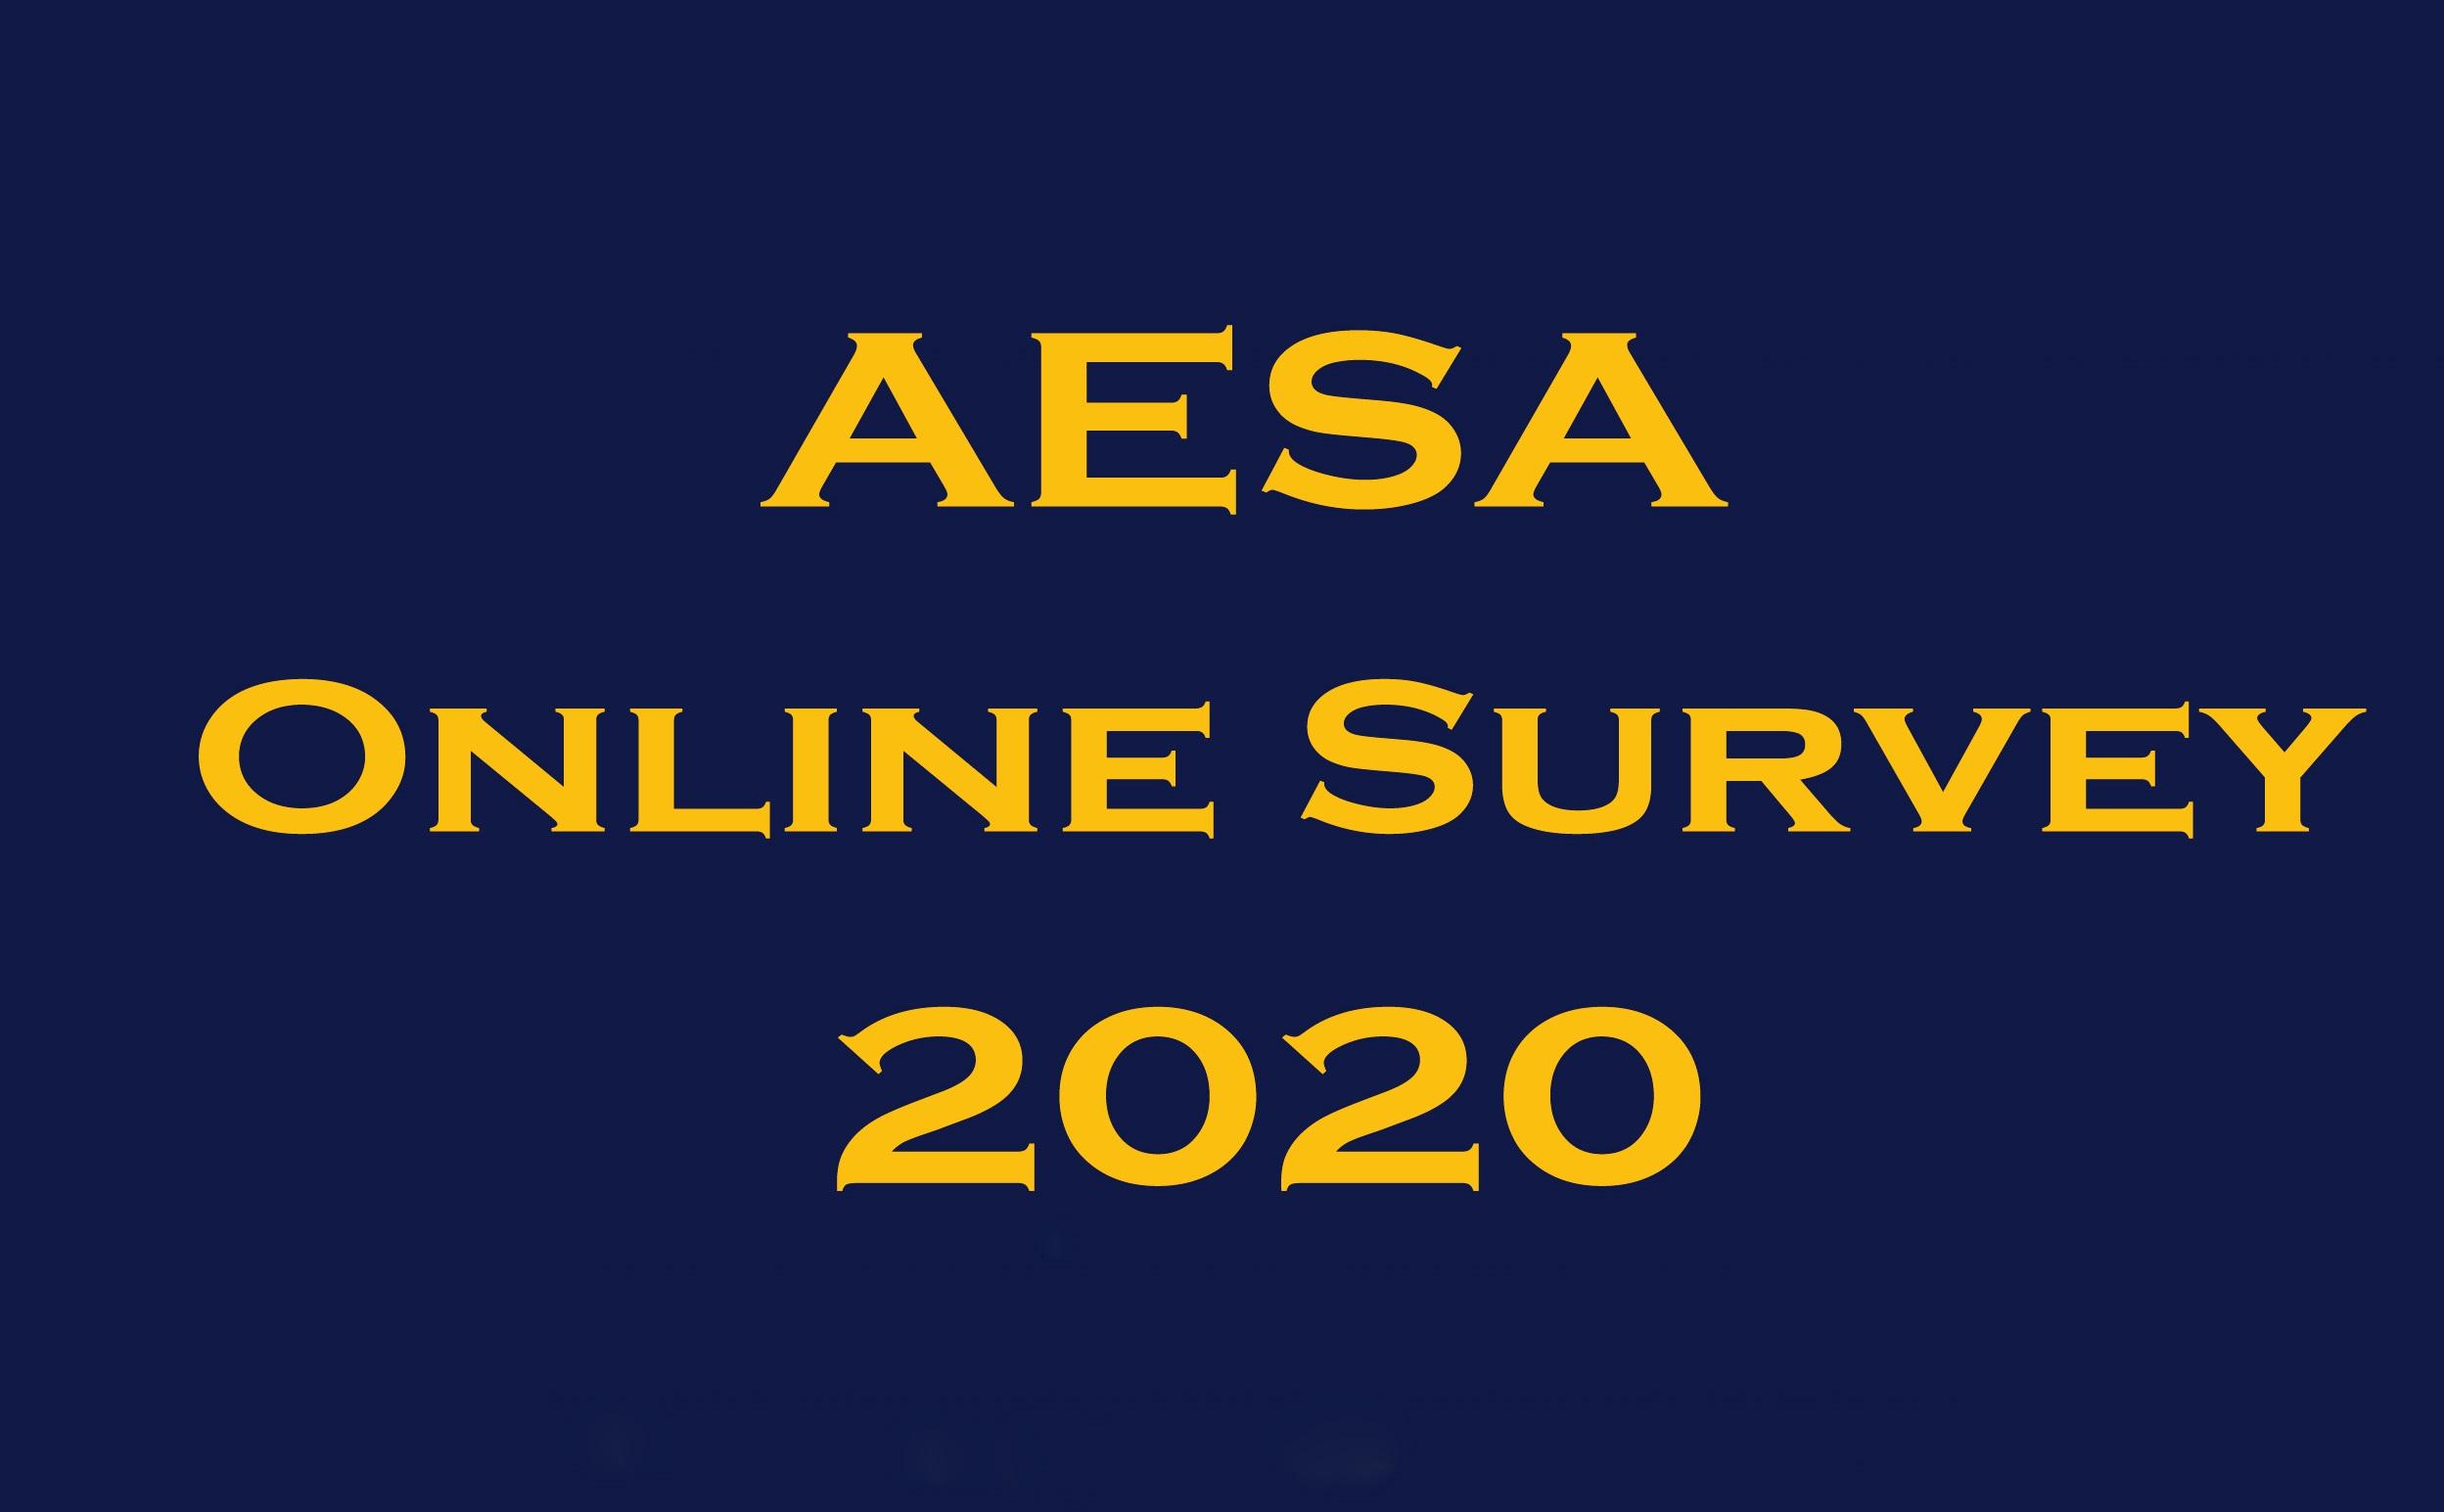 Aesa Online Survey 2020-1